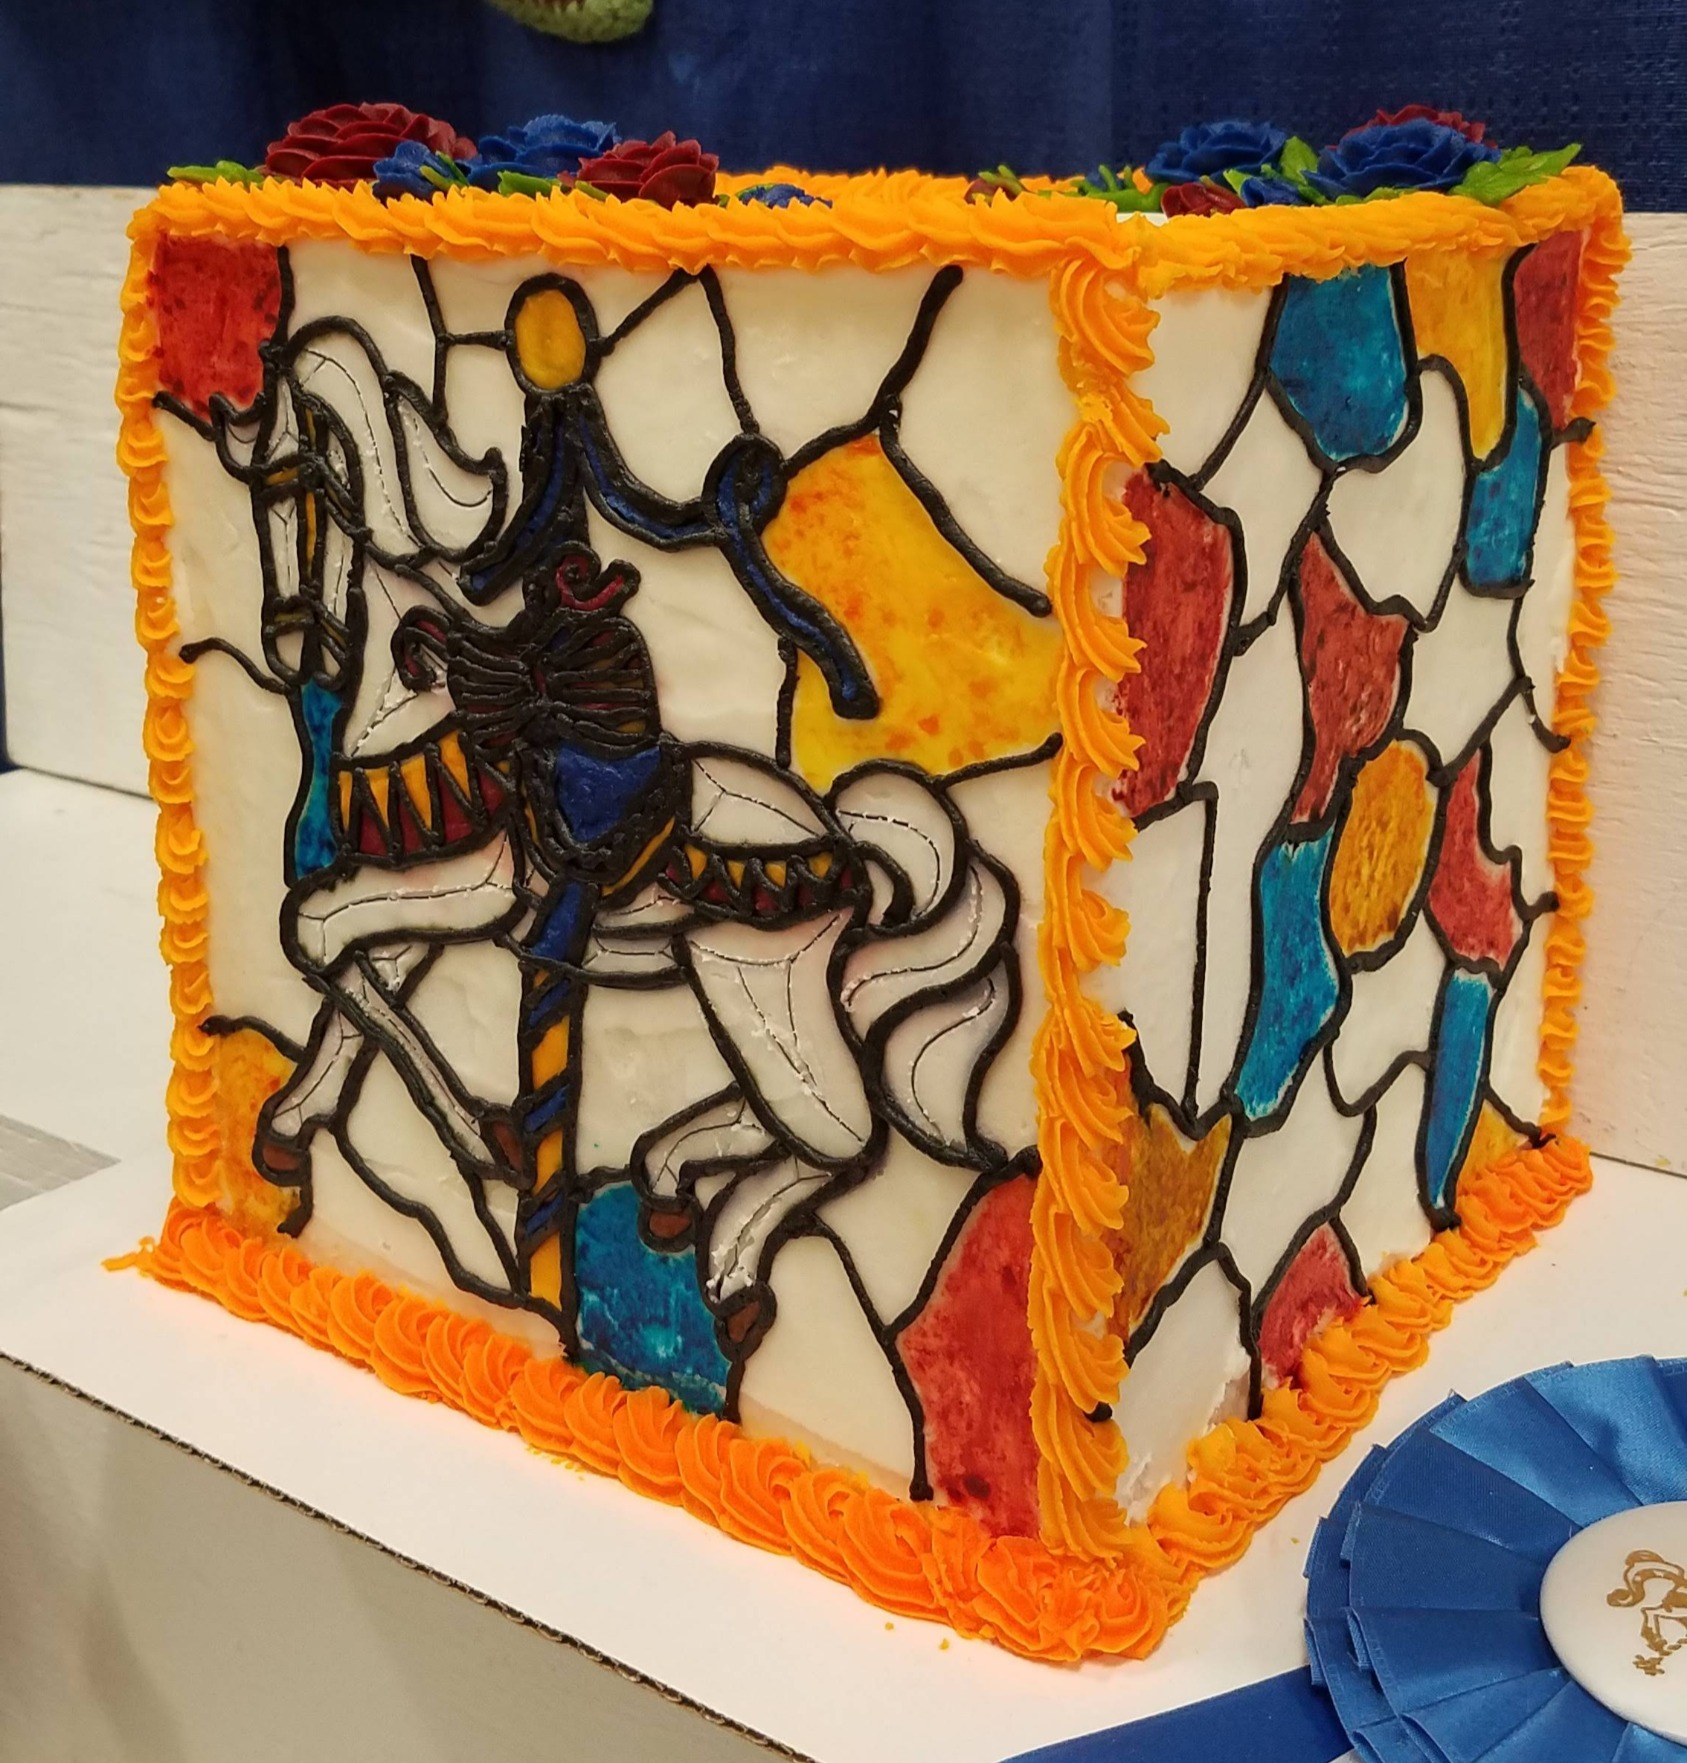 2019_cake_decorat_edited